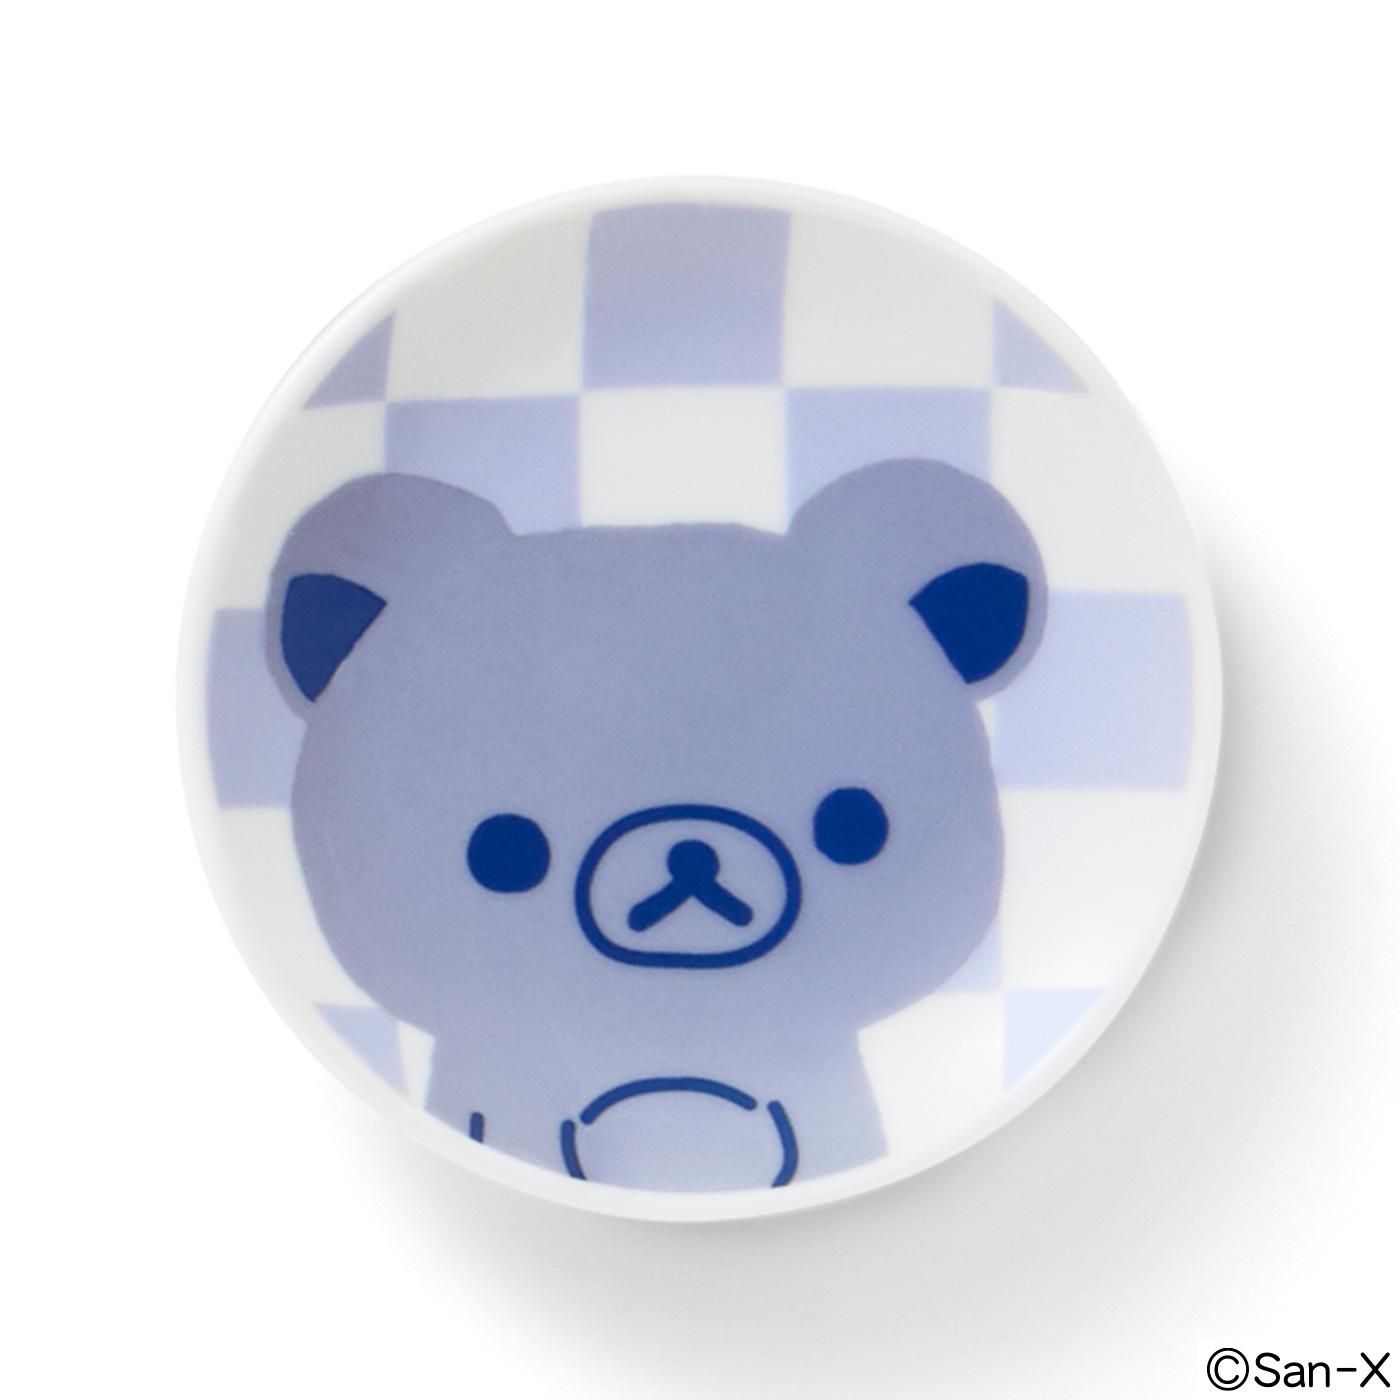 フェリシモ リラックマ 何盛りましょか 瑠璃紺(るりこん)色が大人気分のおてしょ皿の会